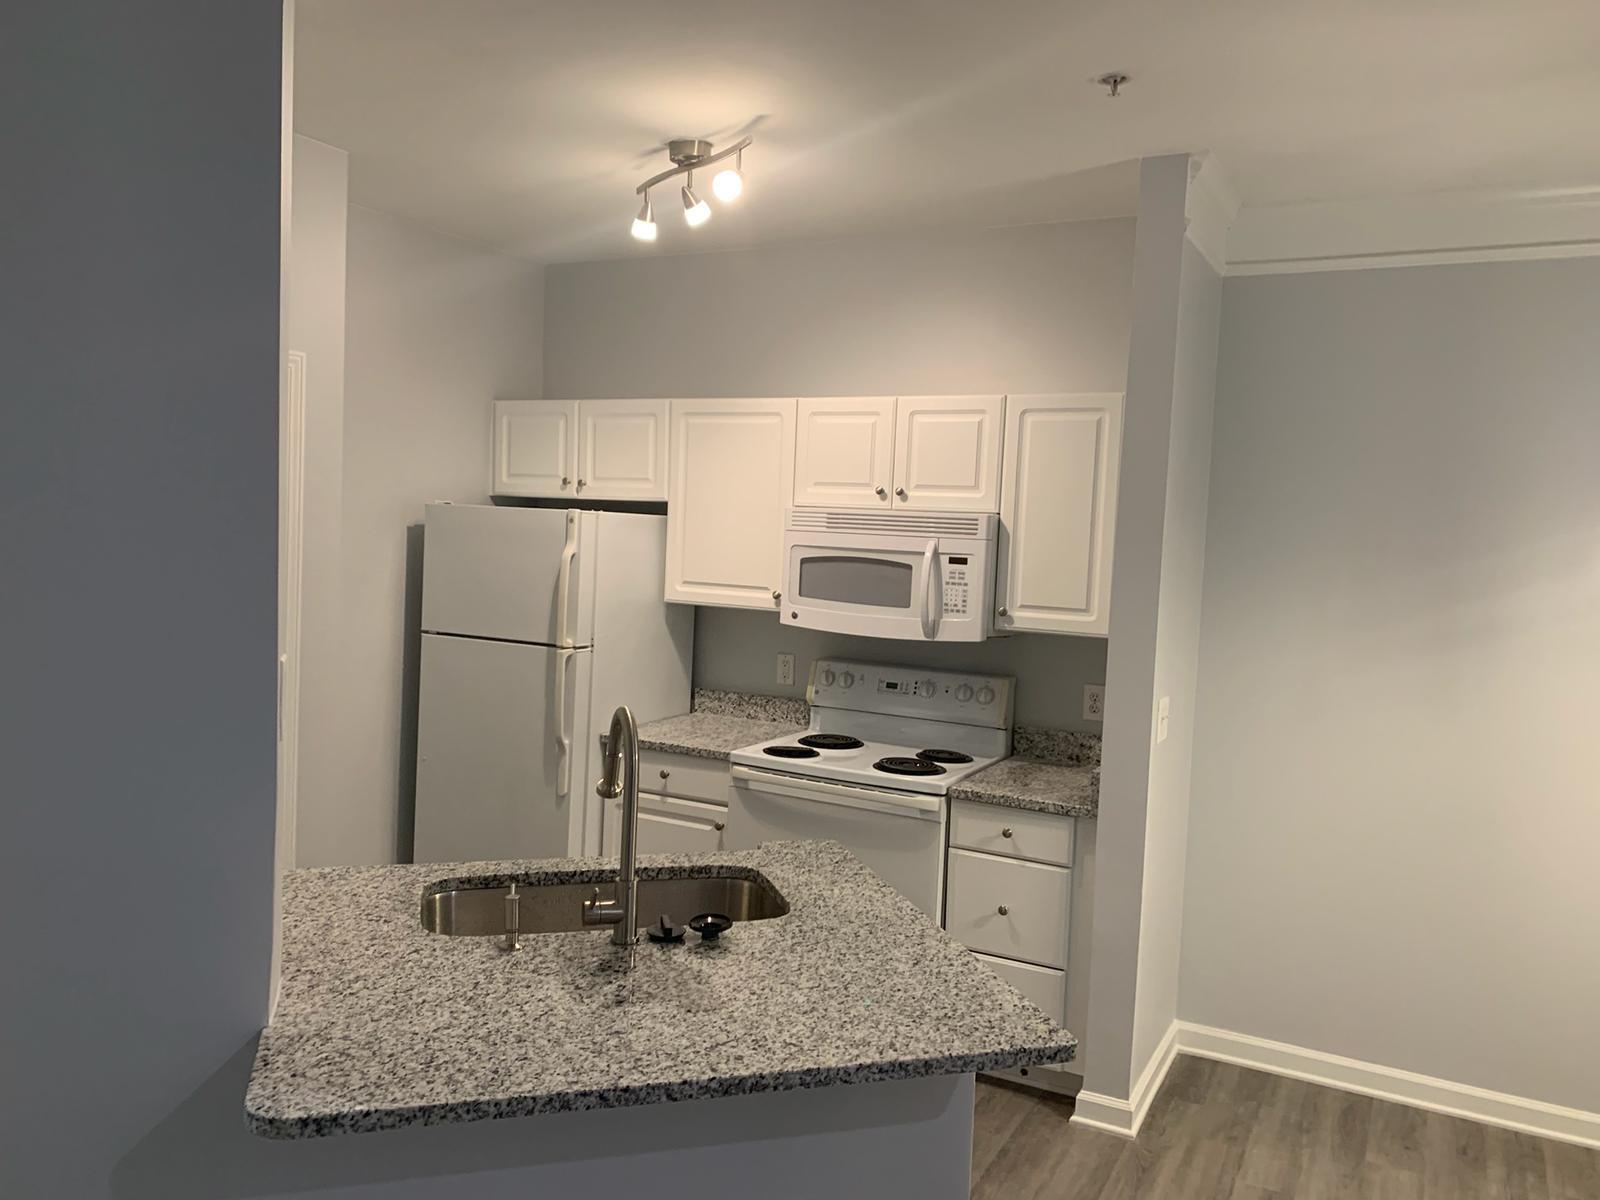 Park West Homes For Sale - 1300 Park West Blvd, Mount Pleasant, SC - 1